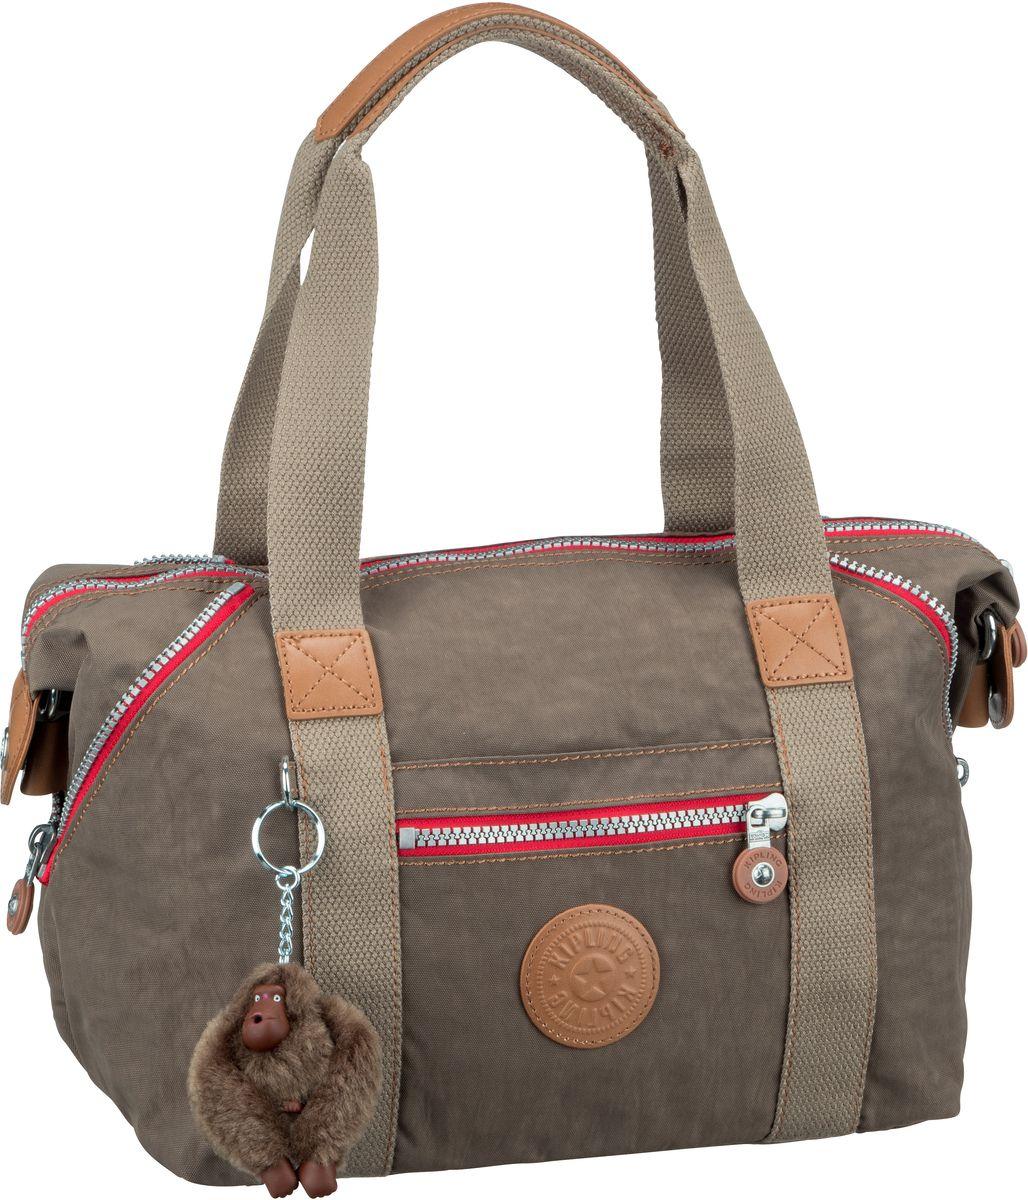 Handtasche Art Mini Basic True Beige C (13 Liter)